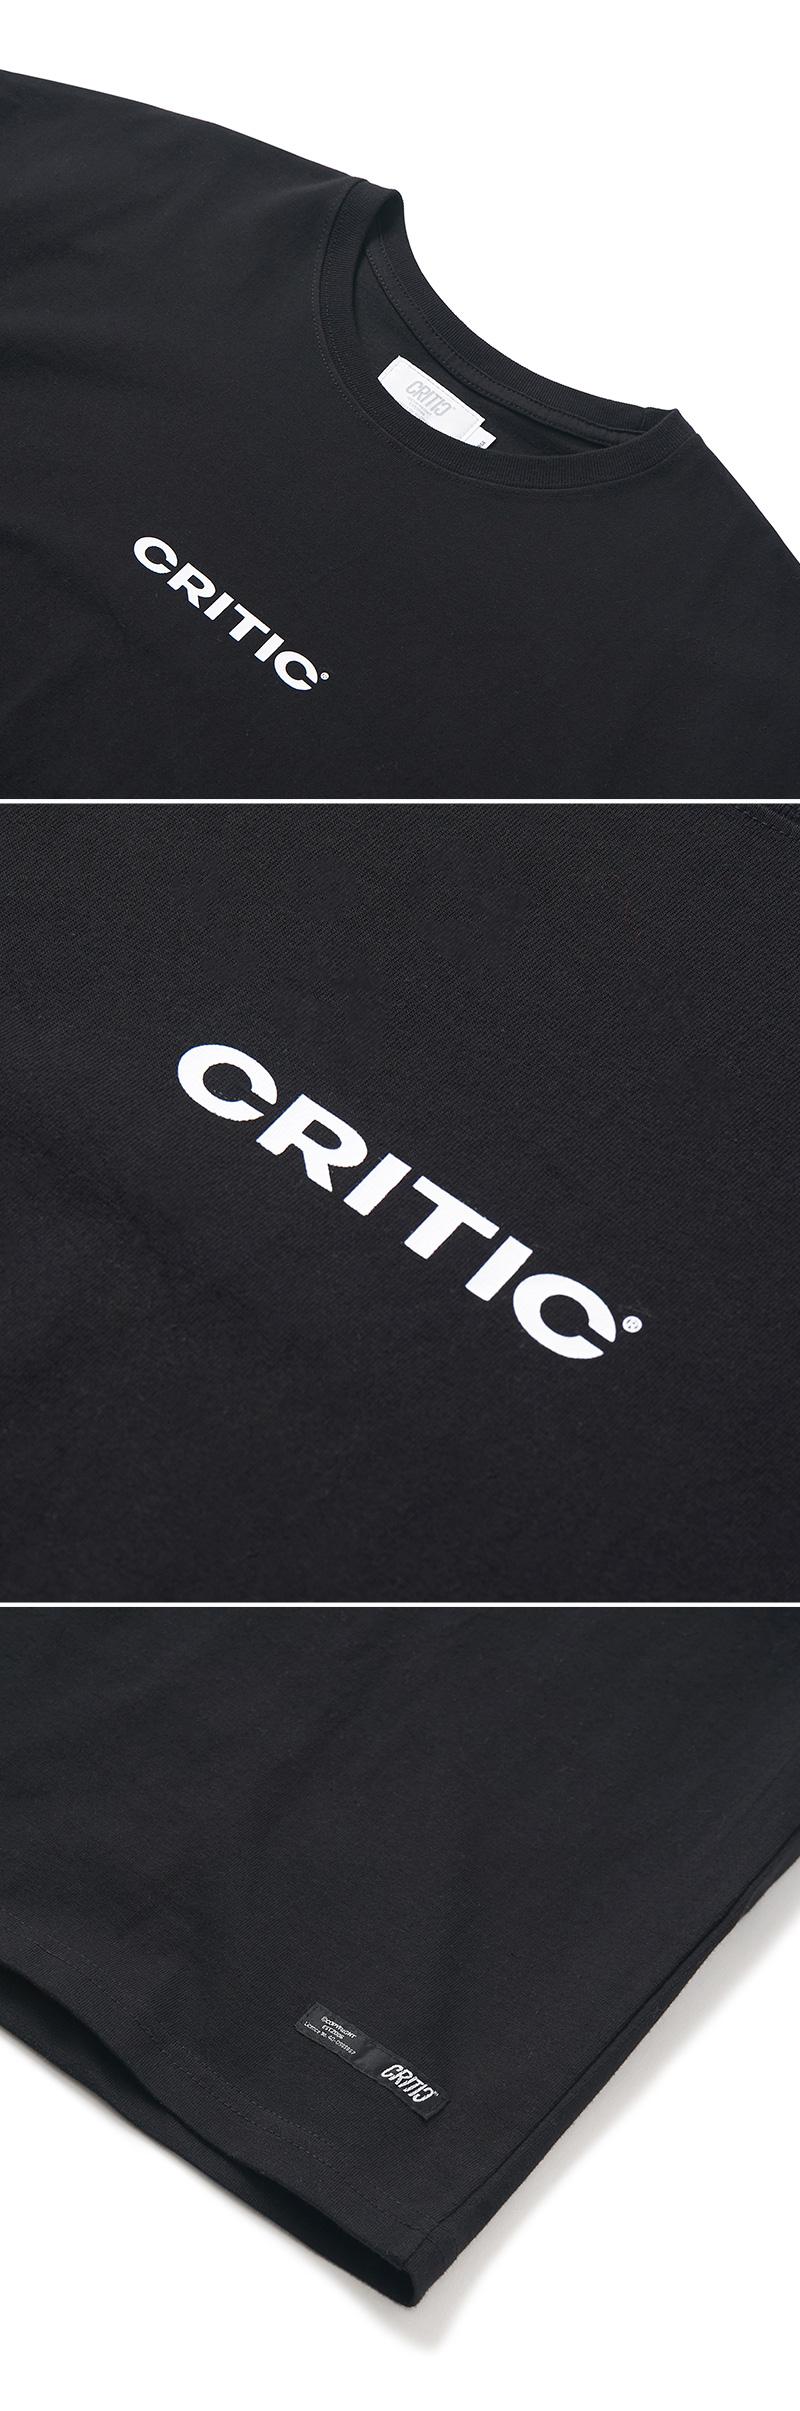 크리틱(CRITIC) MULTI LOGO T-SHIRT(BLACK)_CTONURS03UC6